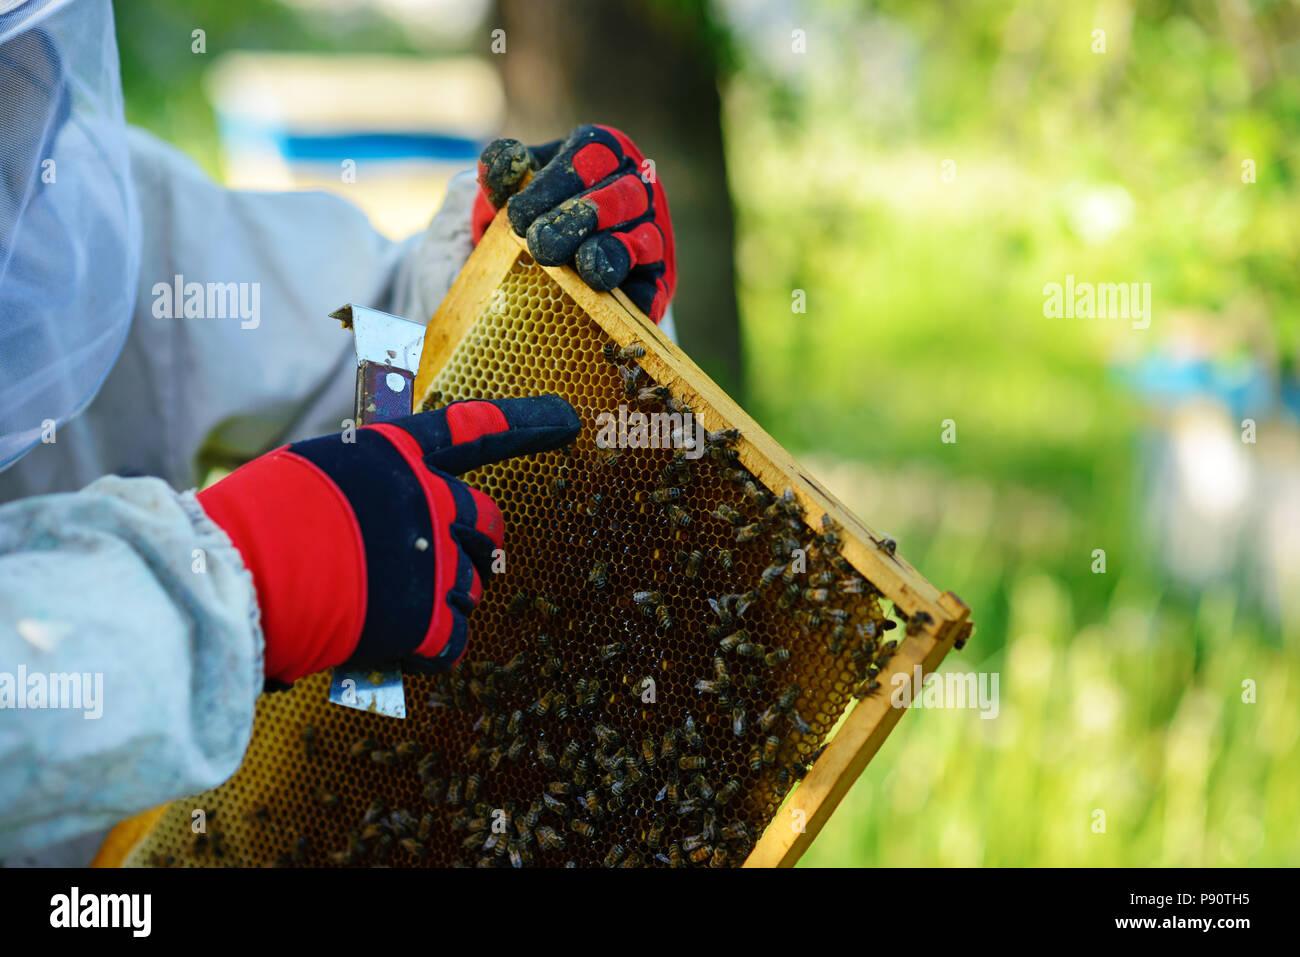 El apicultor retira el bastidor con el panal de la colmena. Imagen De Stock